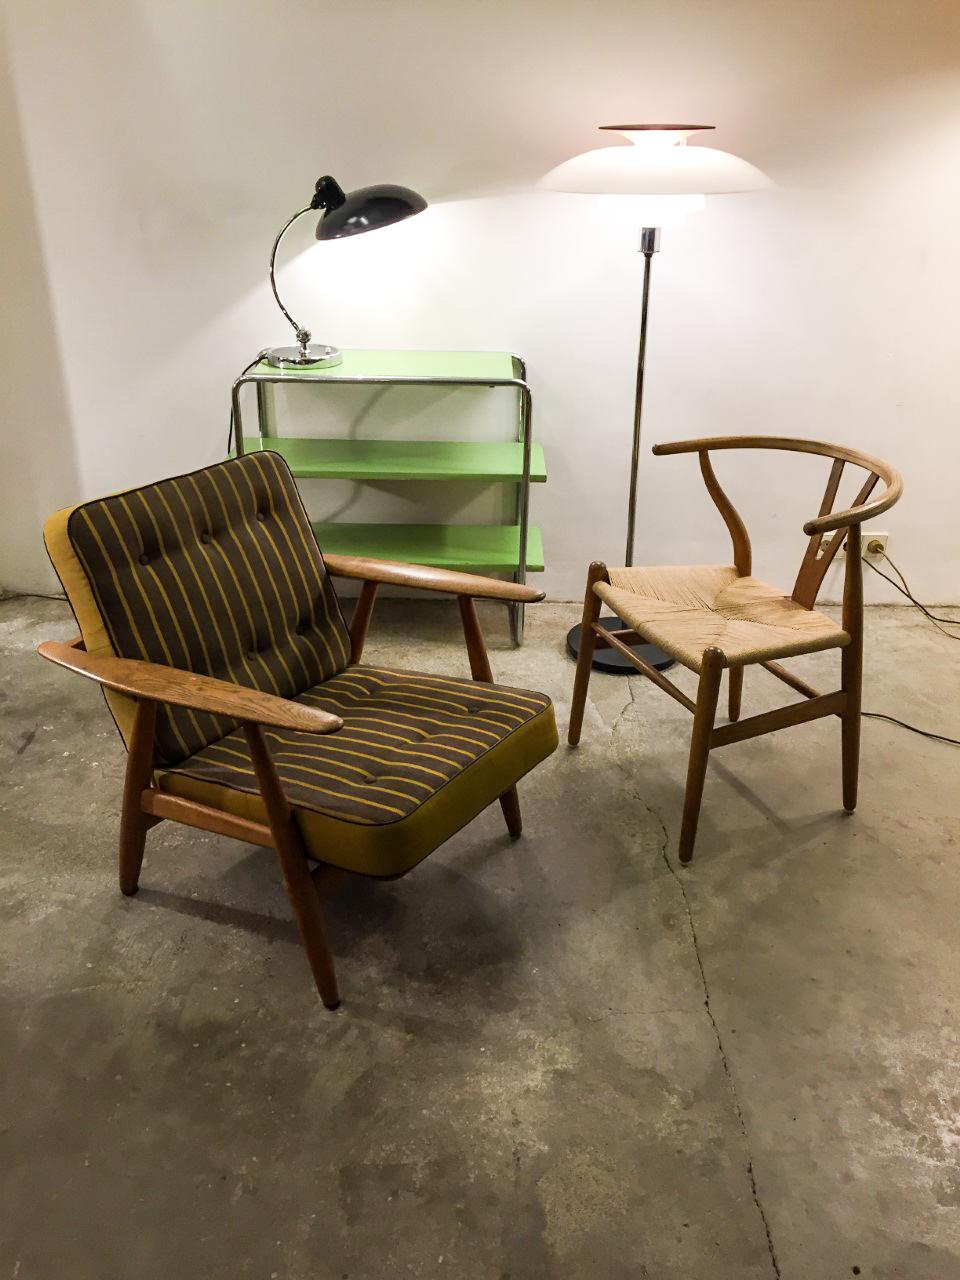 Vintage Möbel Berlin In der Suarezstraße verkauft Steffen Adrian besondere Designstücke des Jugenstils, der Moderne und der 60er und 70er-Jahre.